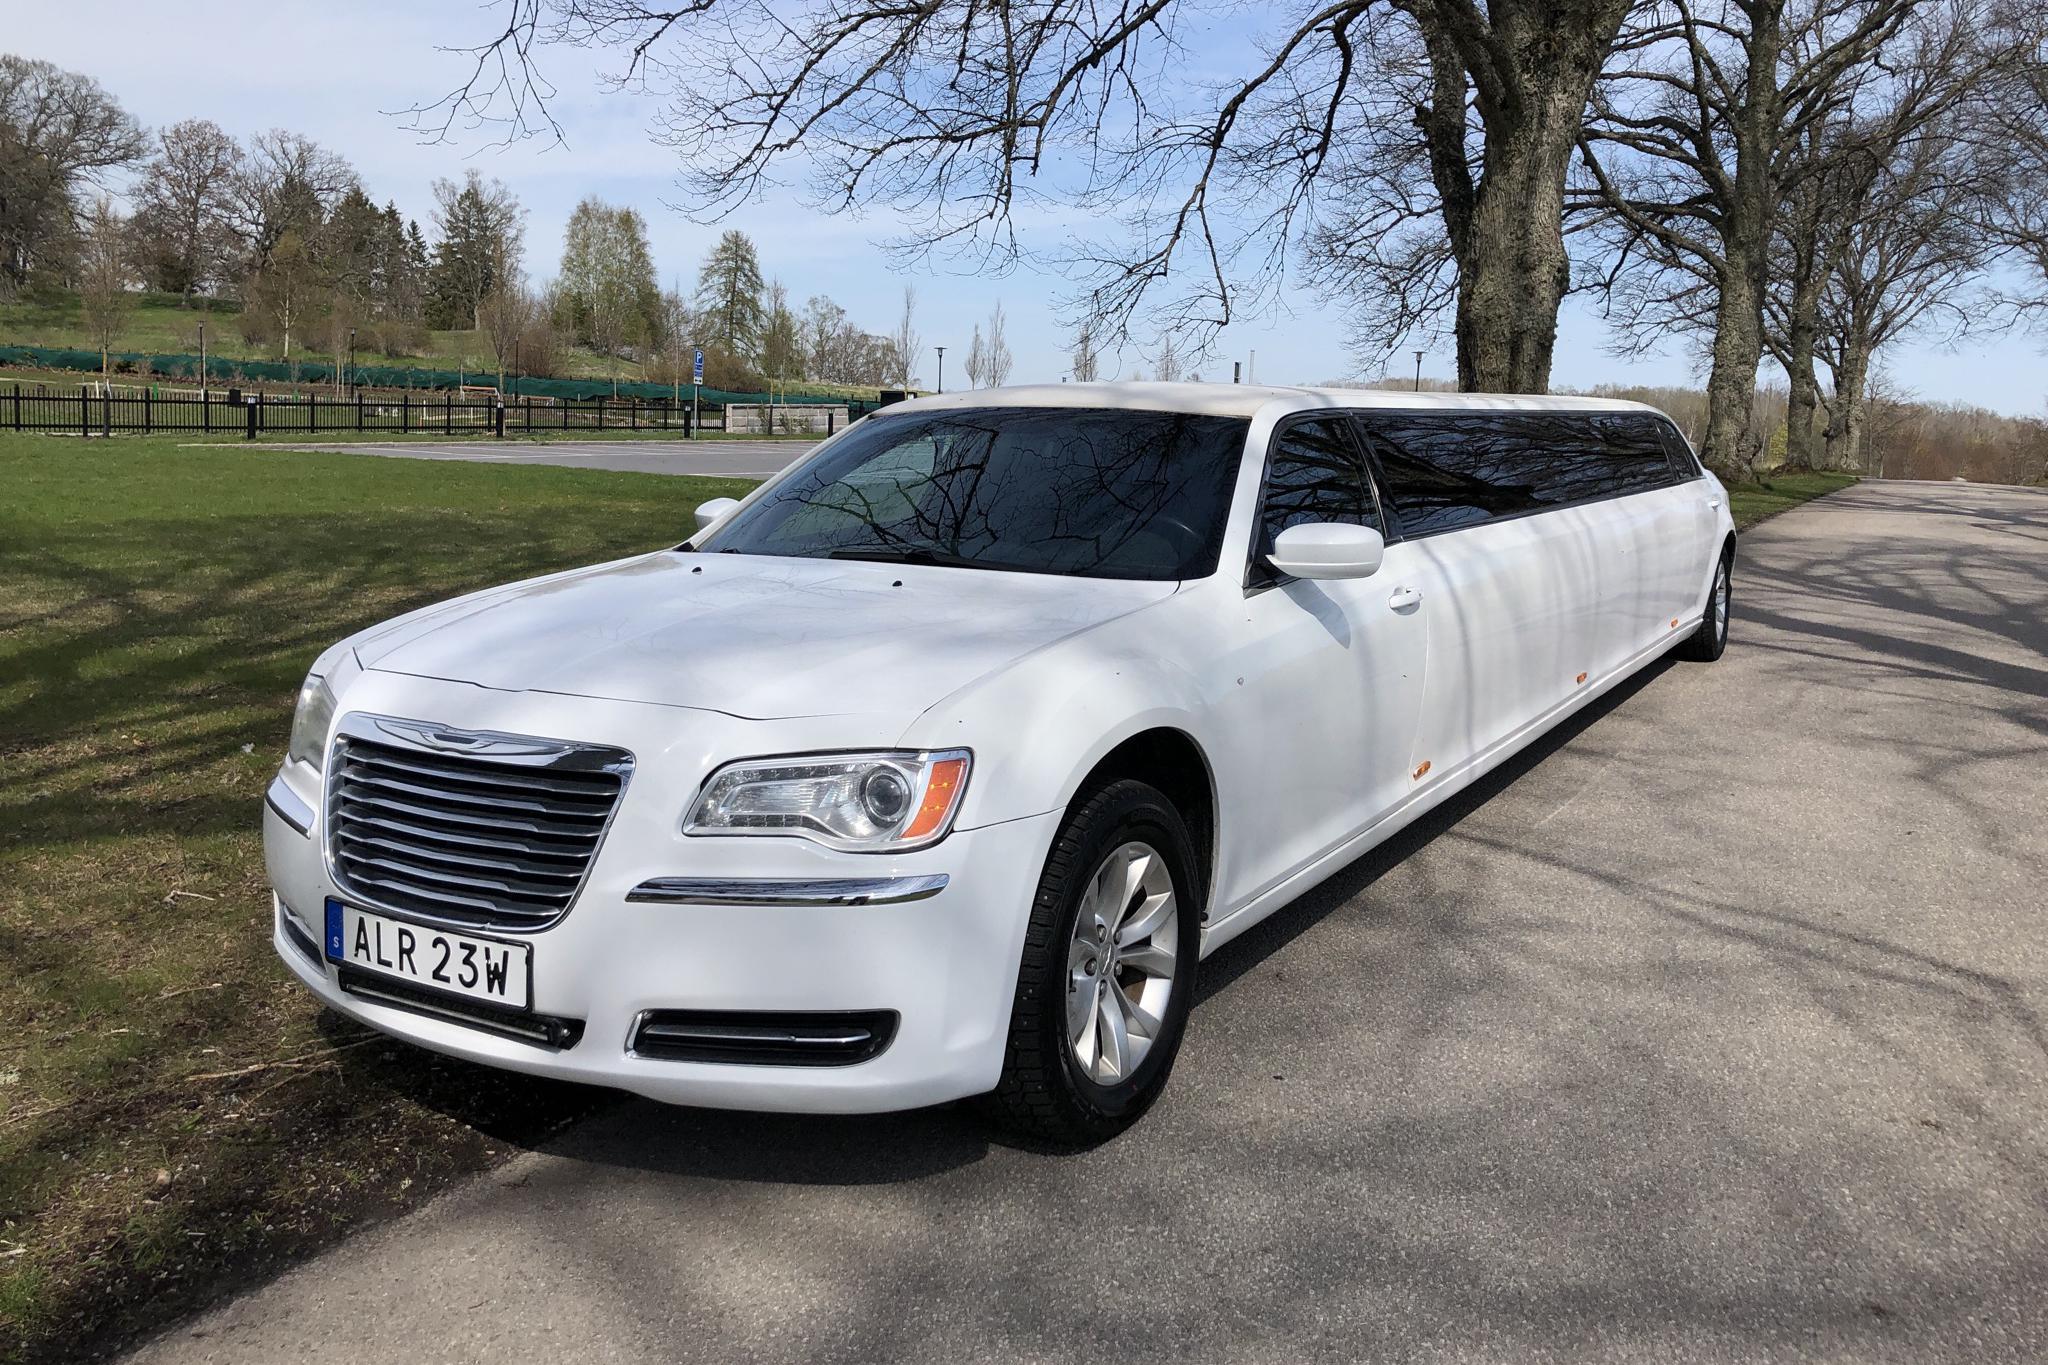 Chrysler 300C Limousine (296hk)